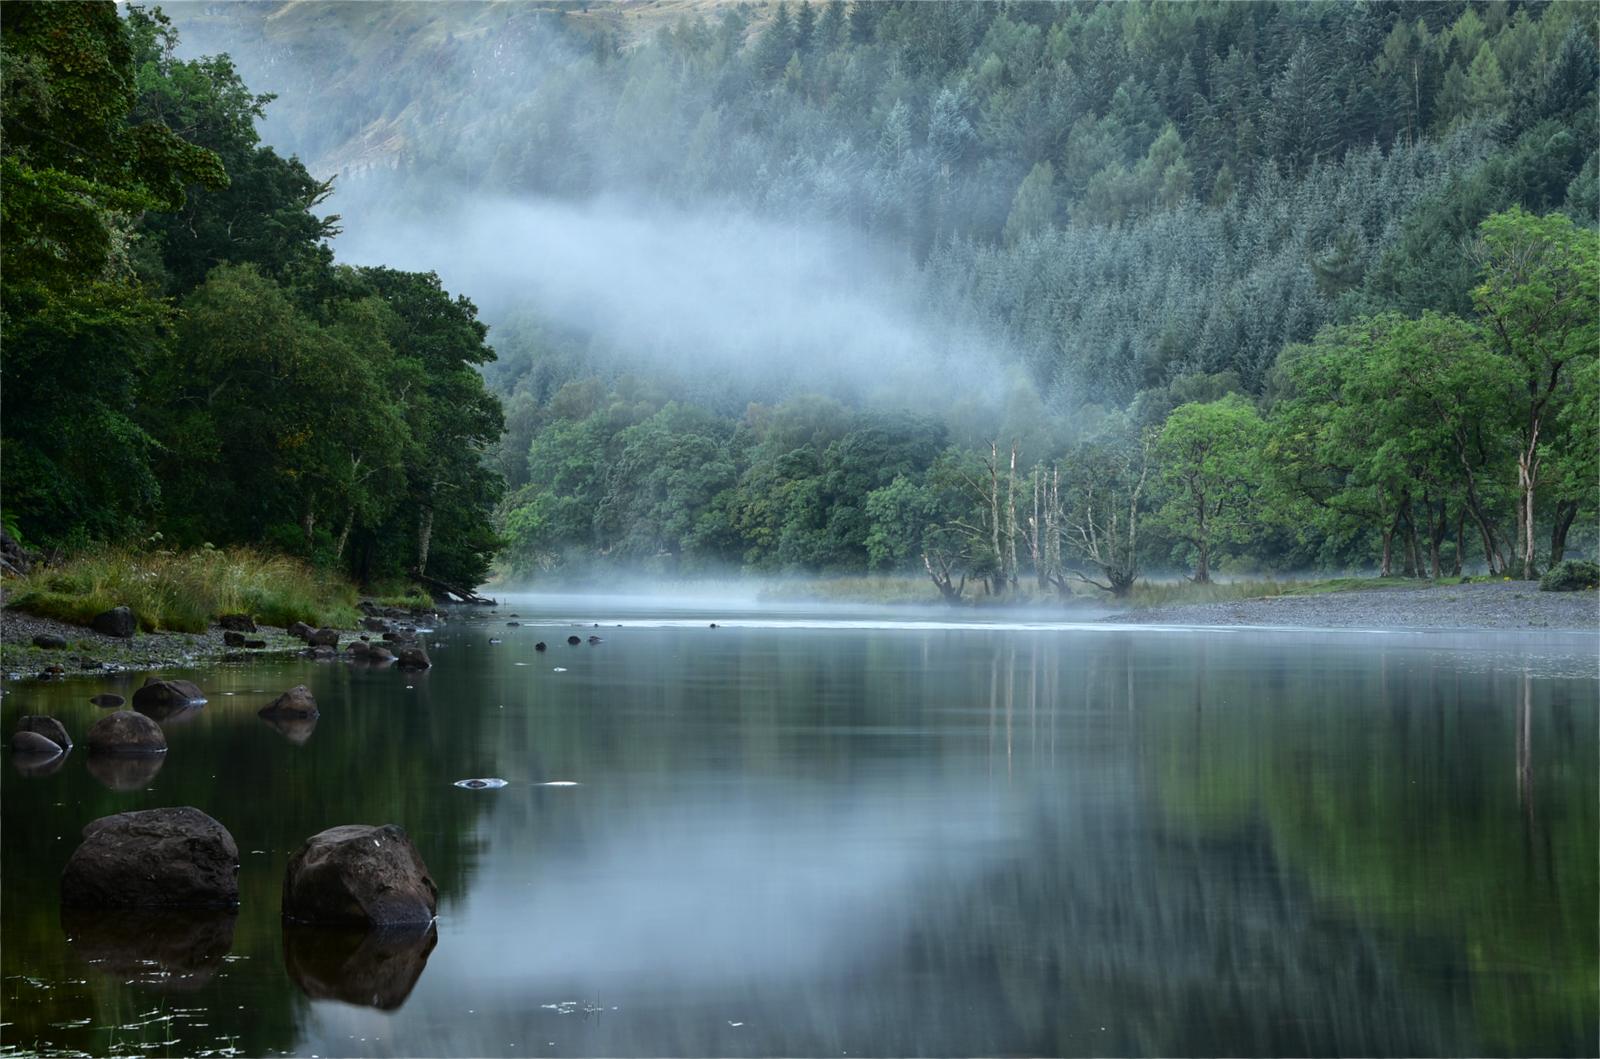 Morning mist on loch lubnaig